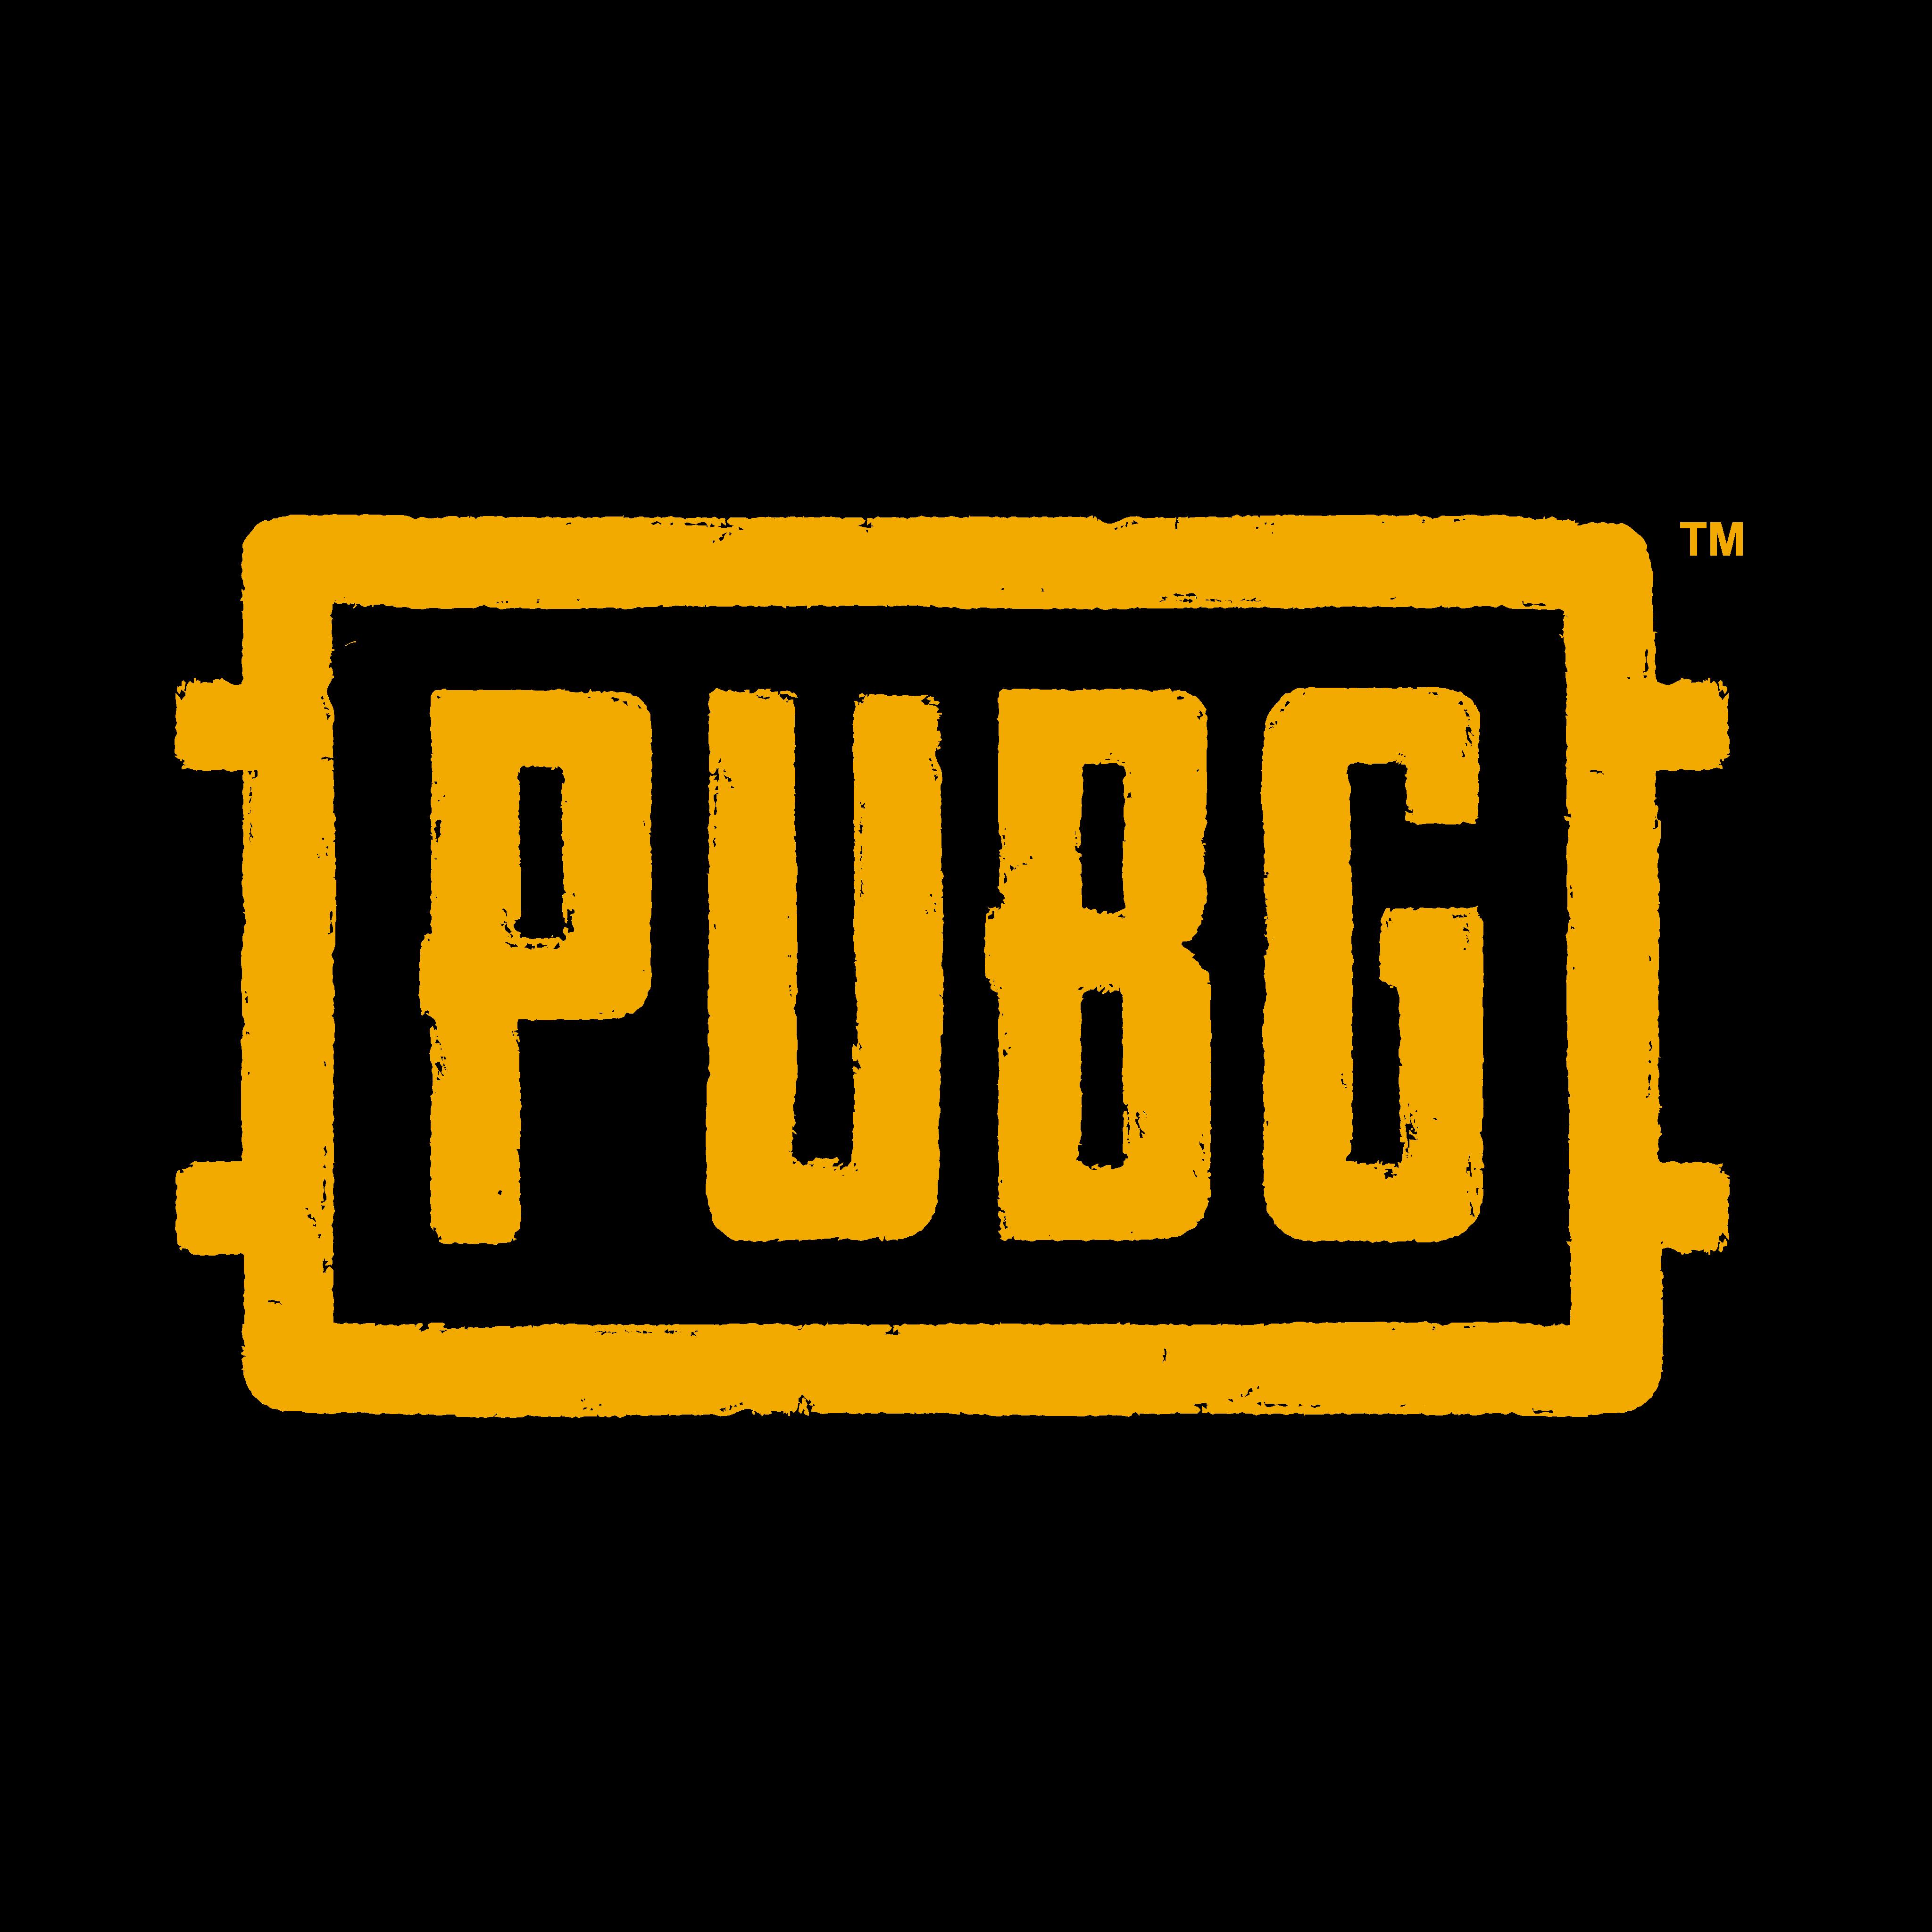 pubg logo 0 - PUBG Logo